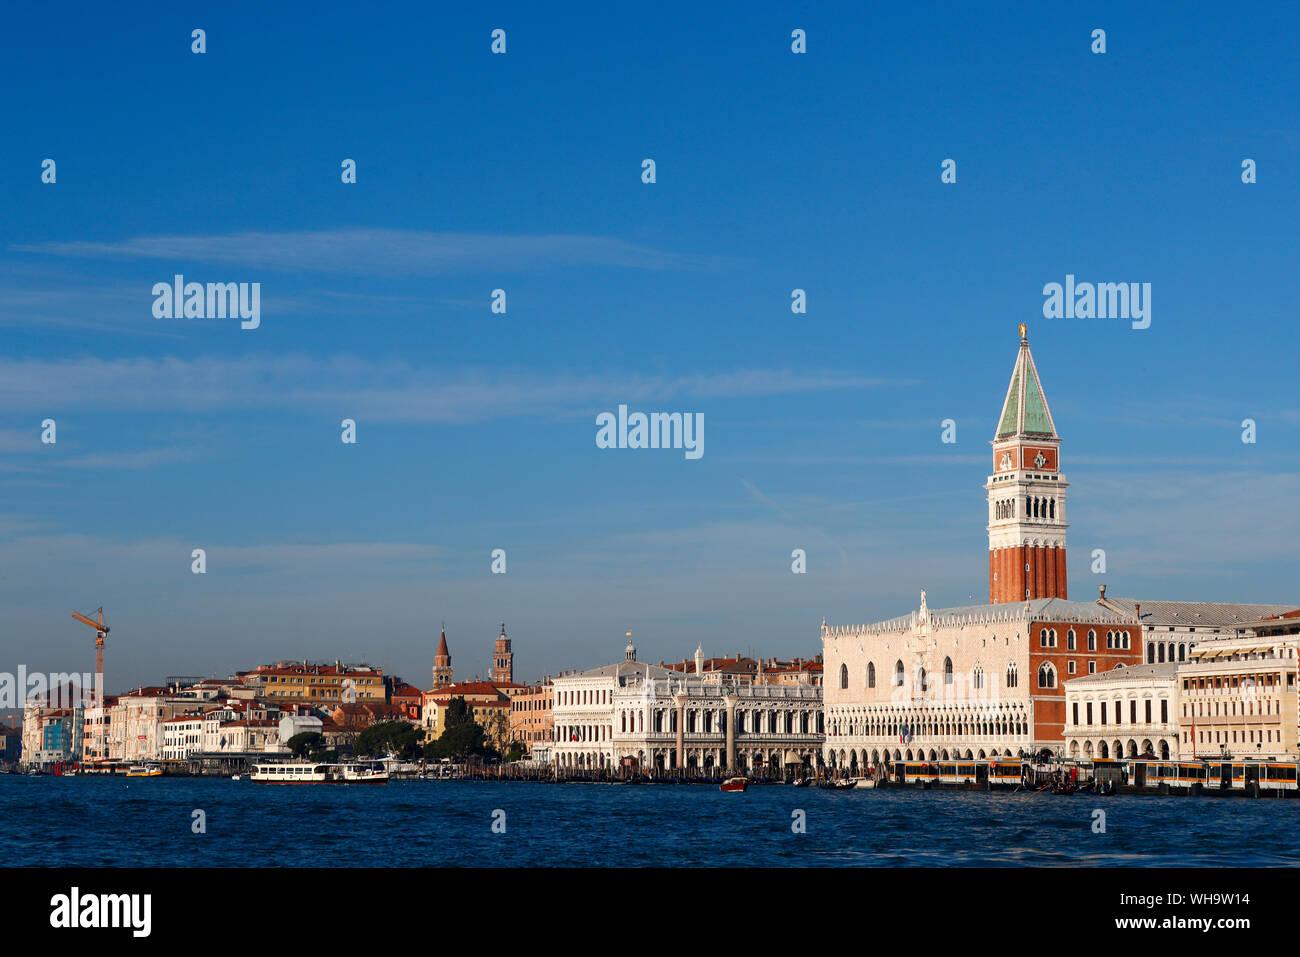 Palazzo Ducale (Palazzo dei Dogi) e Piazza San Marco, Venezia, Sito Patrimonio Mondiale dell'UNESCO, Veneto, Italia, Europa Foto Stock